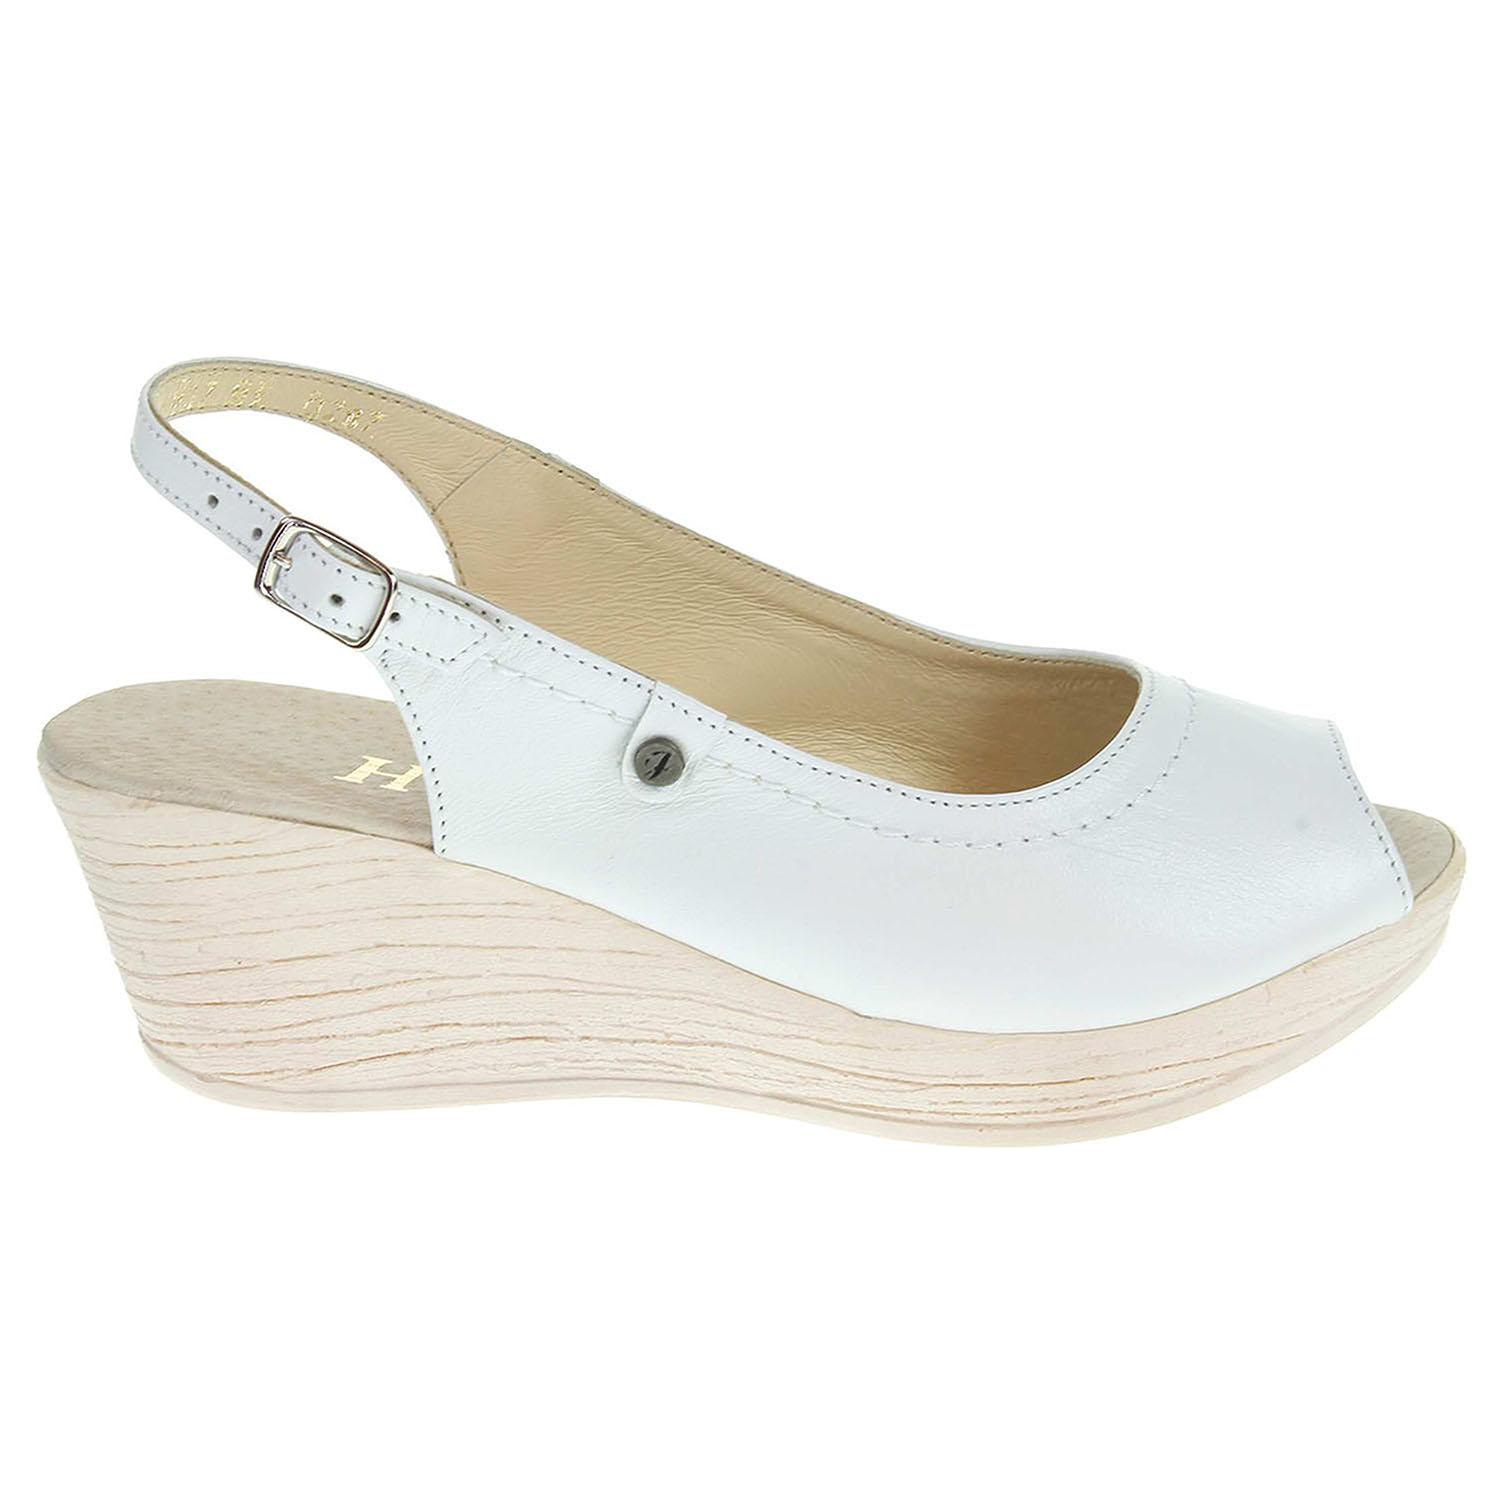 Dámské sandály J3497 bílé 36